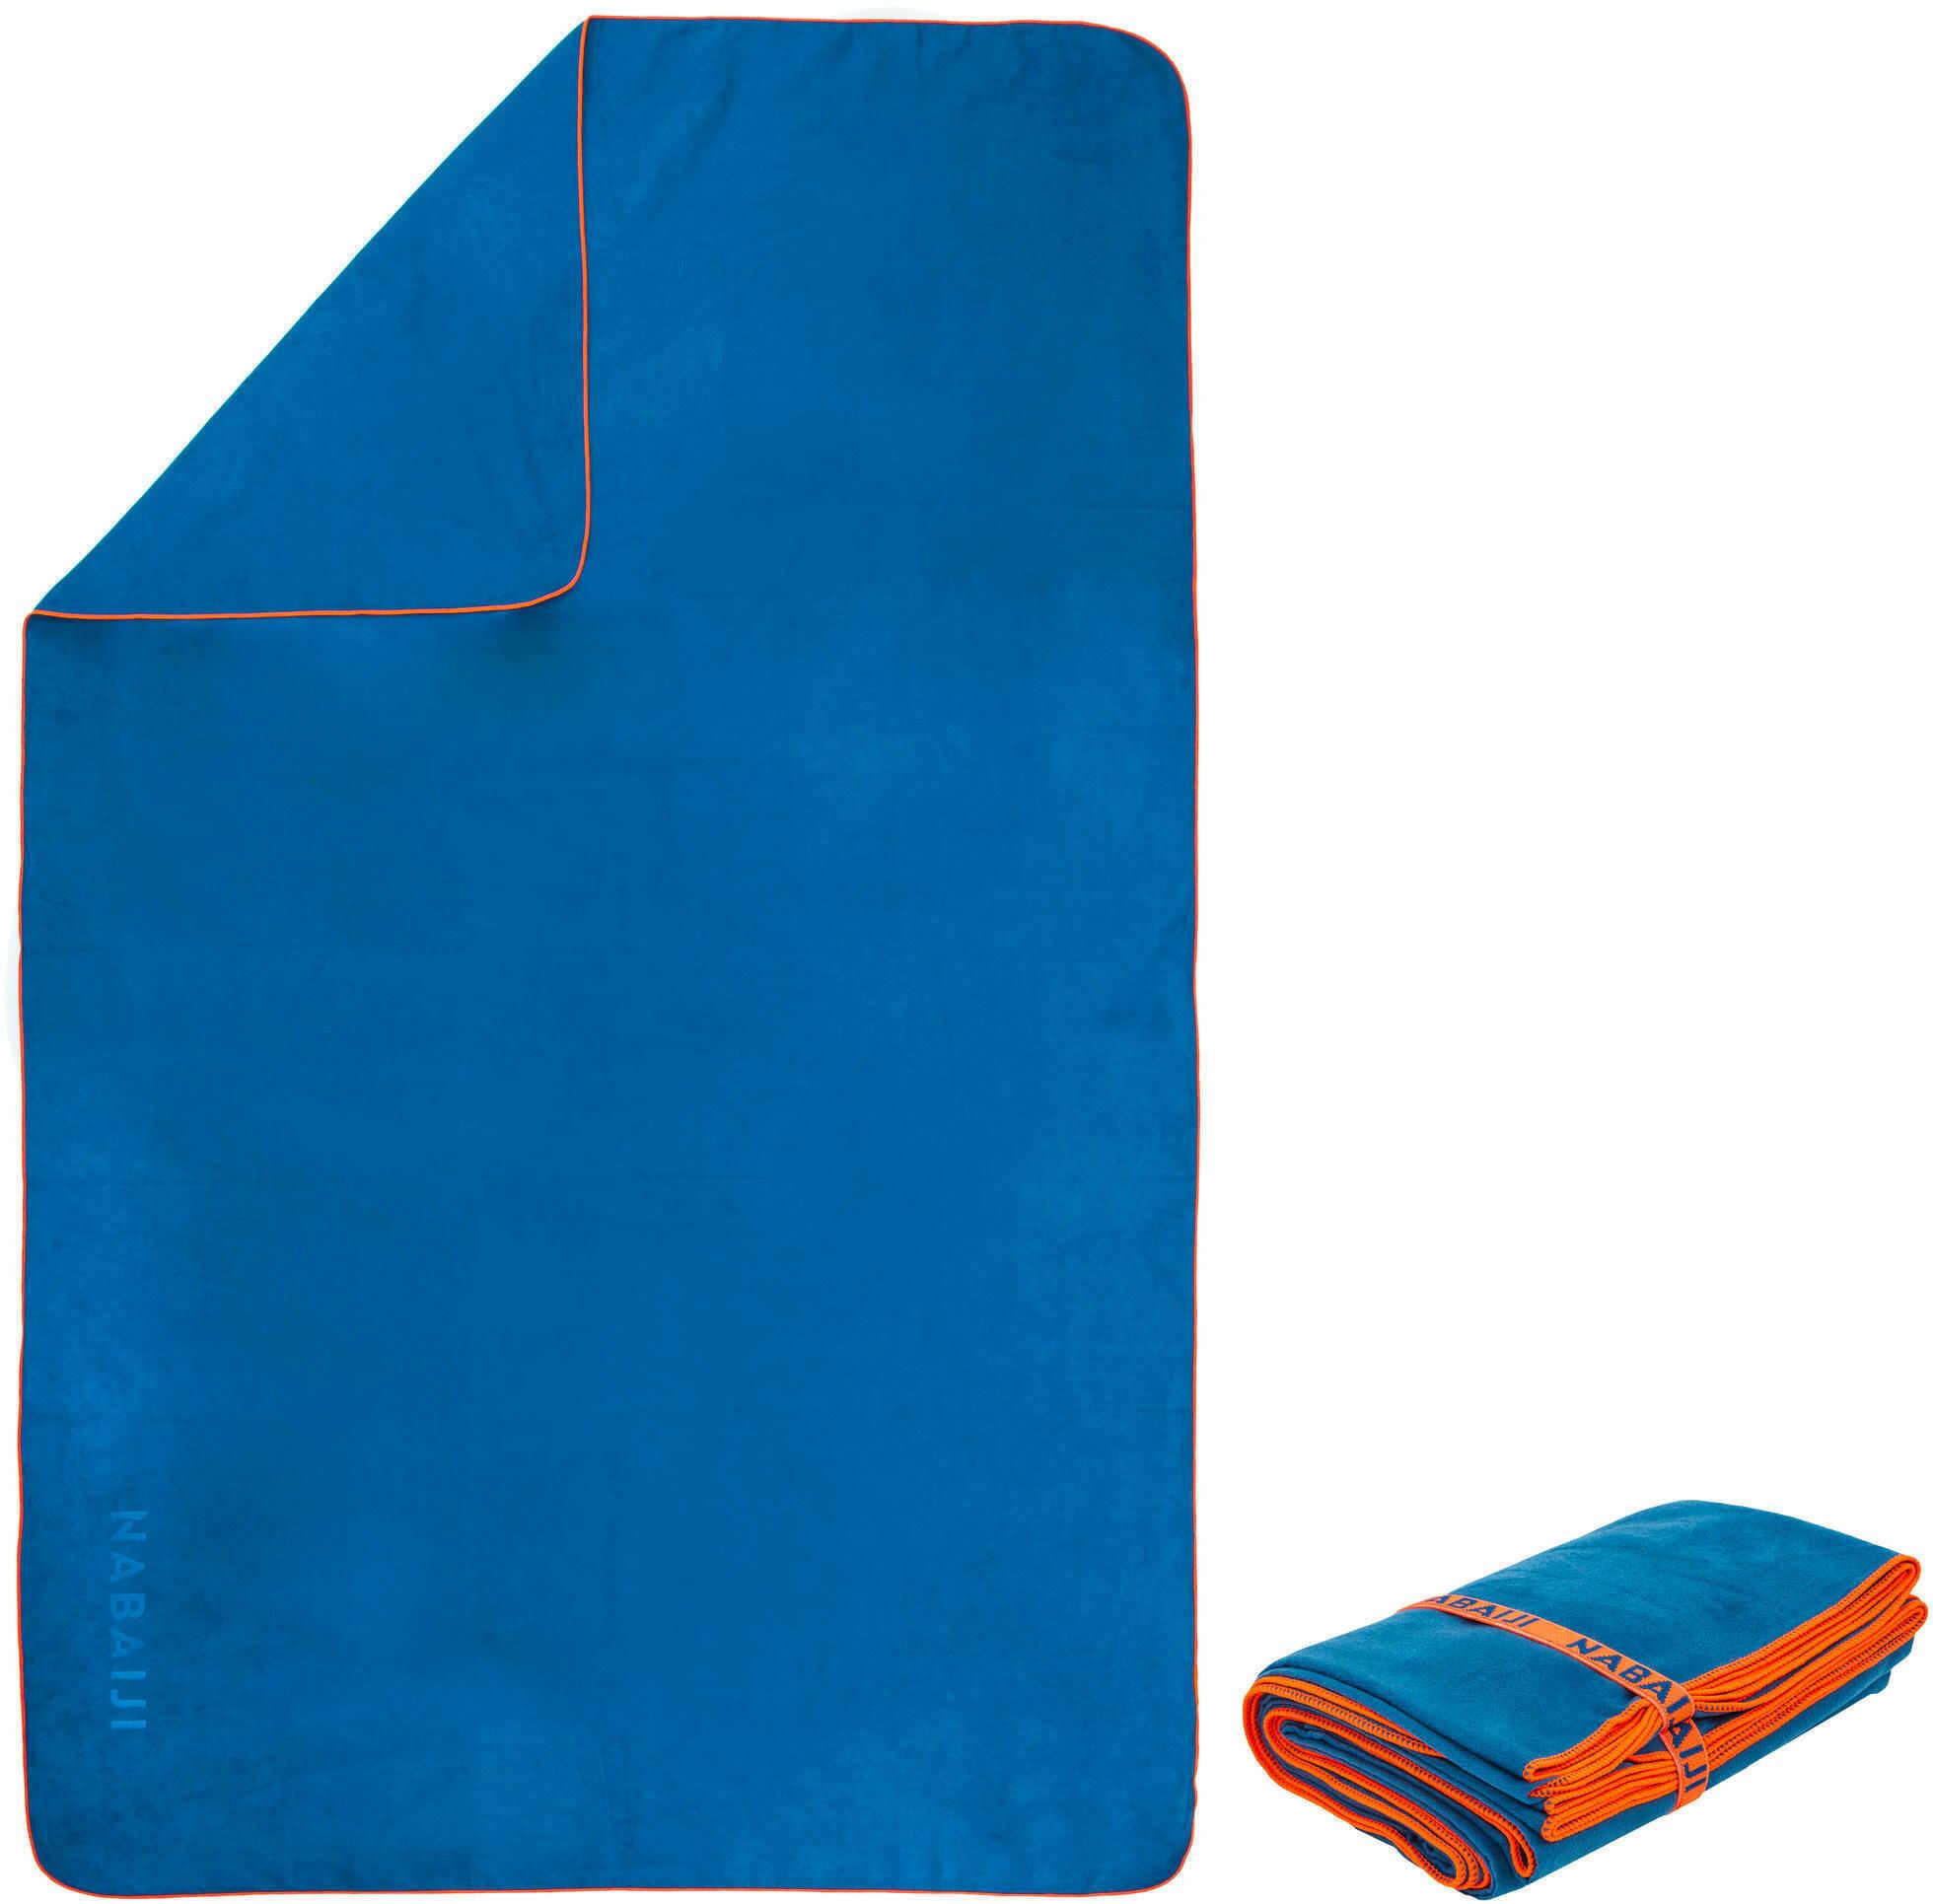 Ręcznik Z Mikrofibry L 80 X 130 Cm